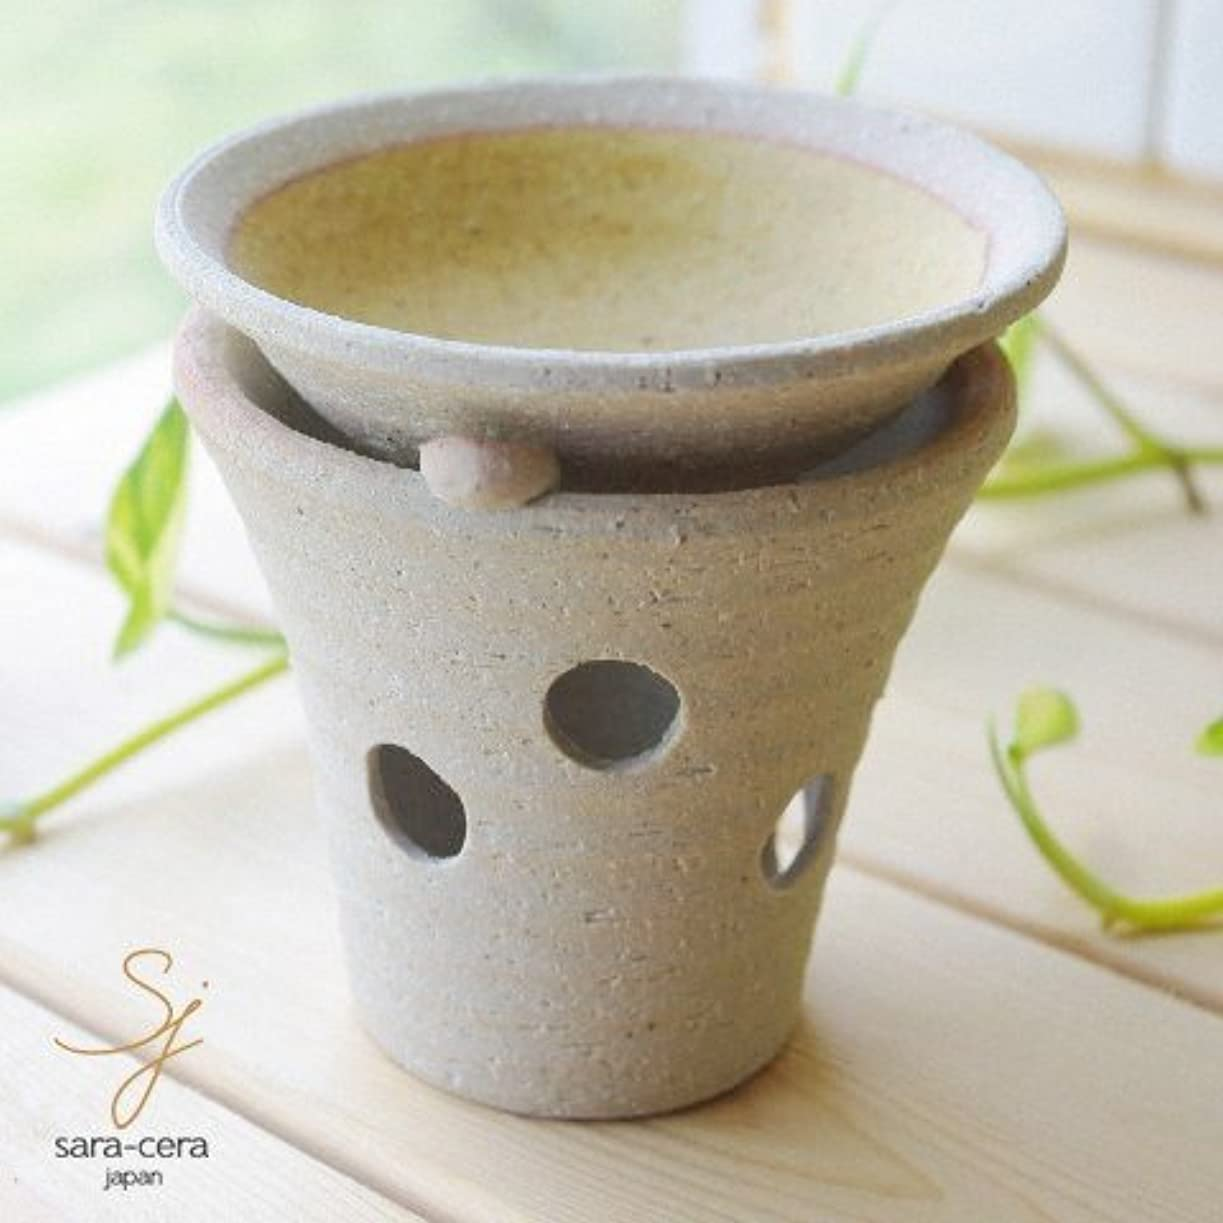 ギャンブルメガロポリス細菌松助窯 手作り茶香炉セット 黄釉 イエロー アロマ 和食器 リビング